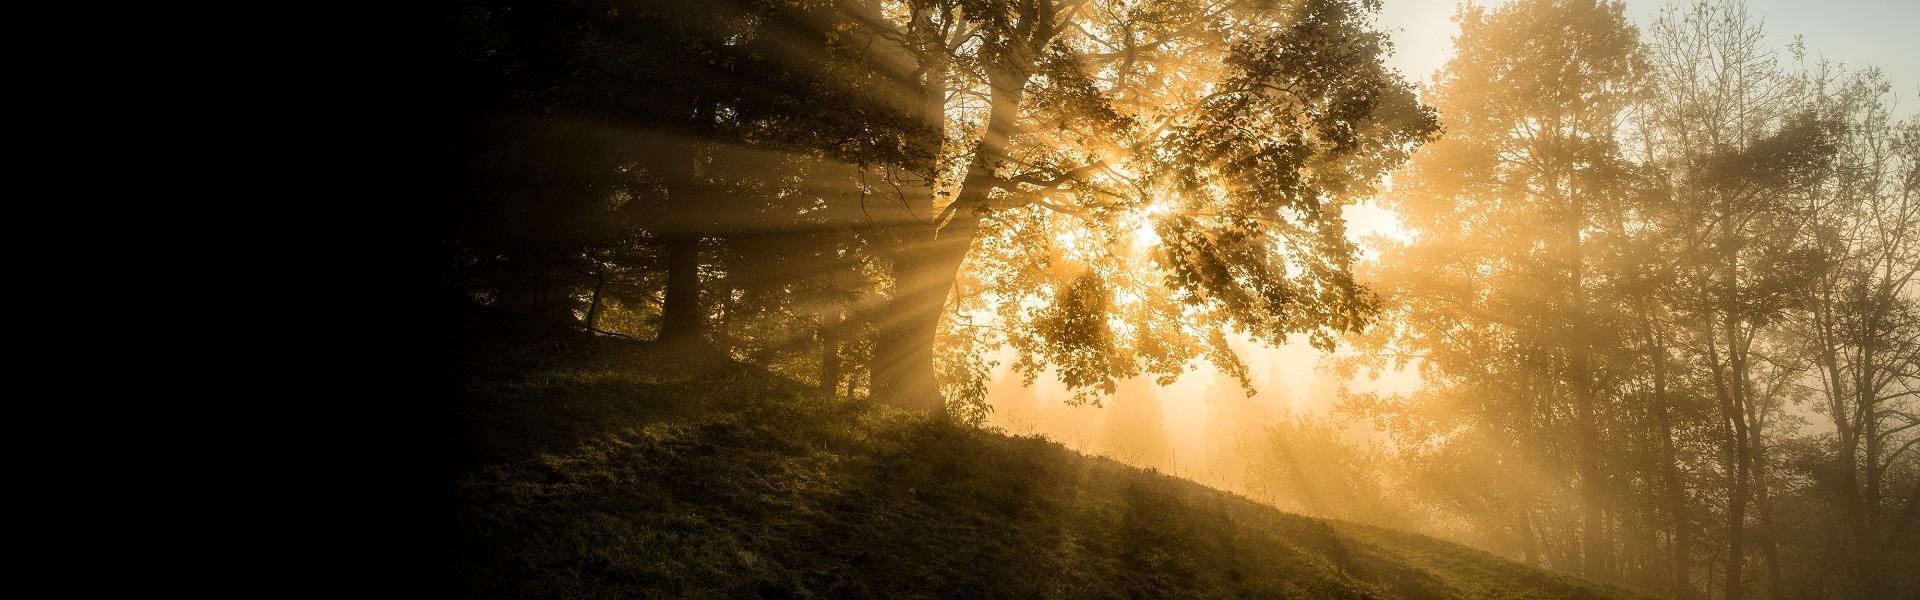 Träd i skog